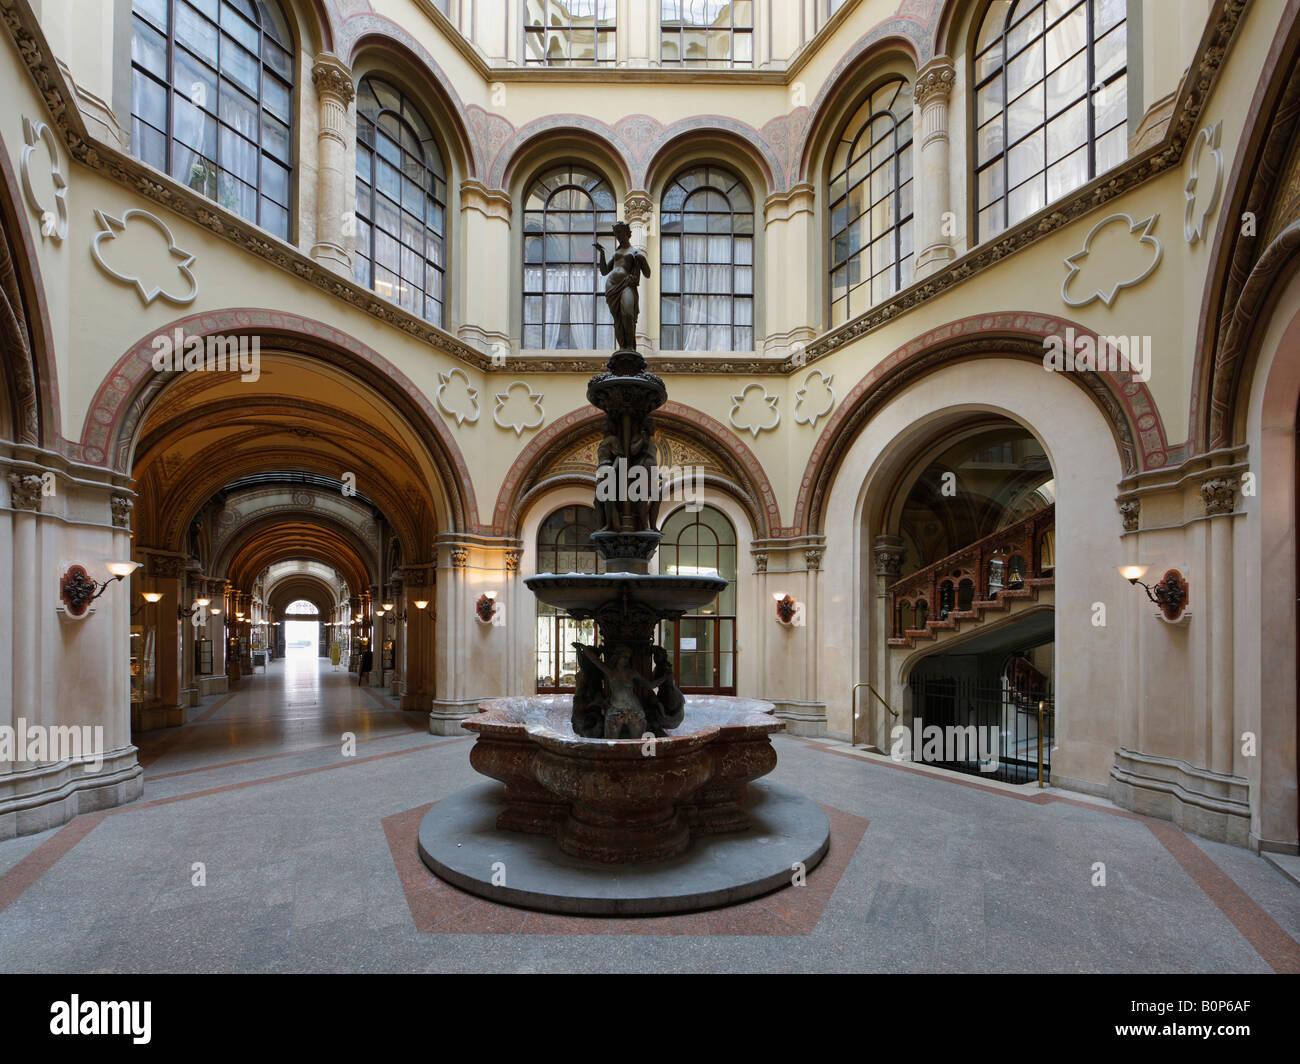 Wien, Freyung-Passage im Palais Ferstel, Brunnenhof mit Donaunixenbrunnen - Stock Image